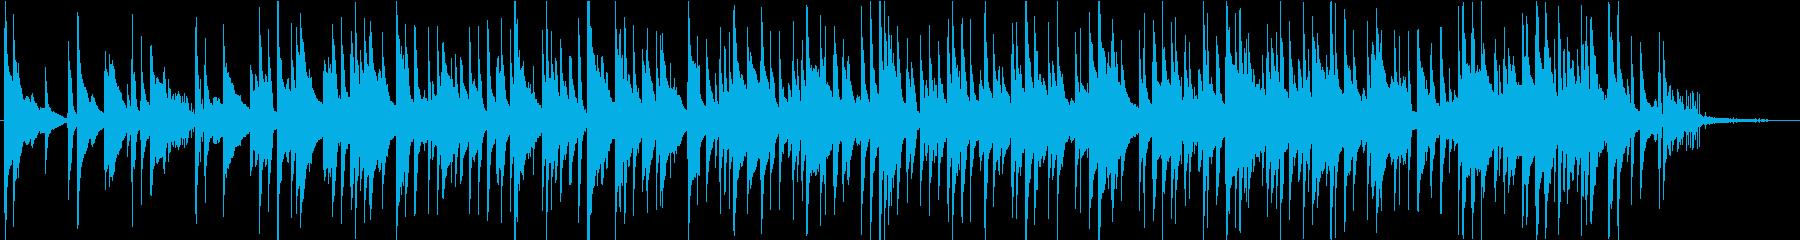 動画 サスペンス 静か クール や...の再生済みの波形